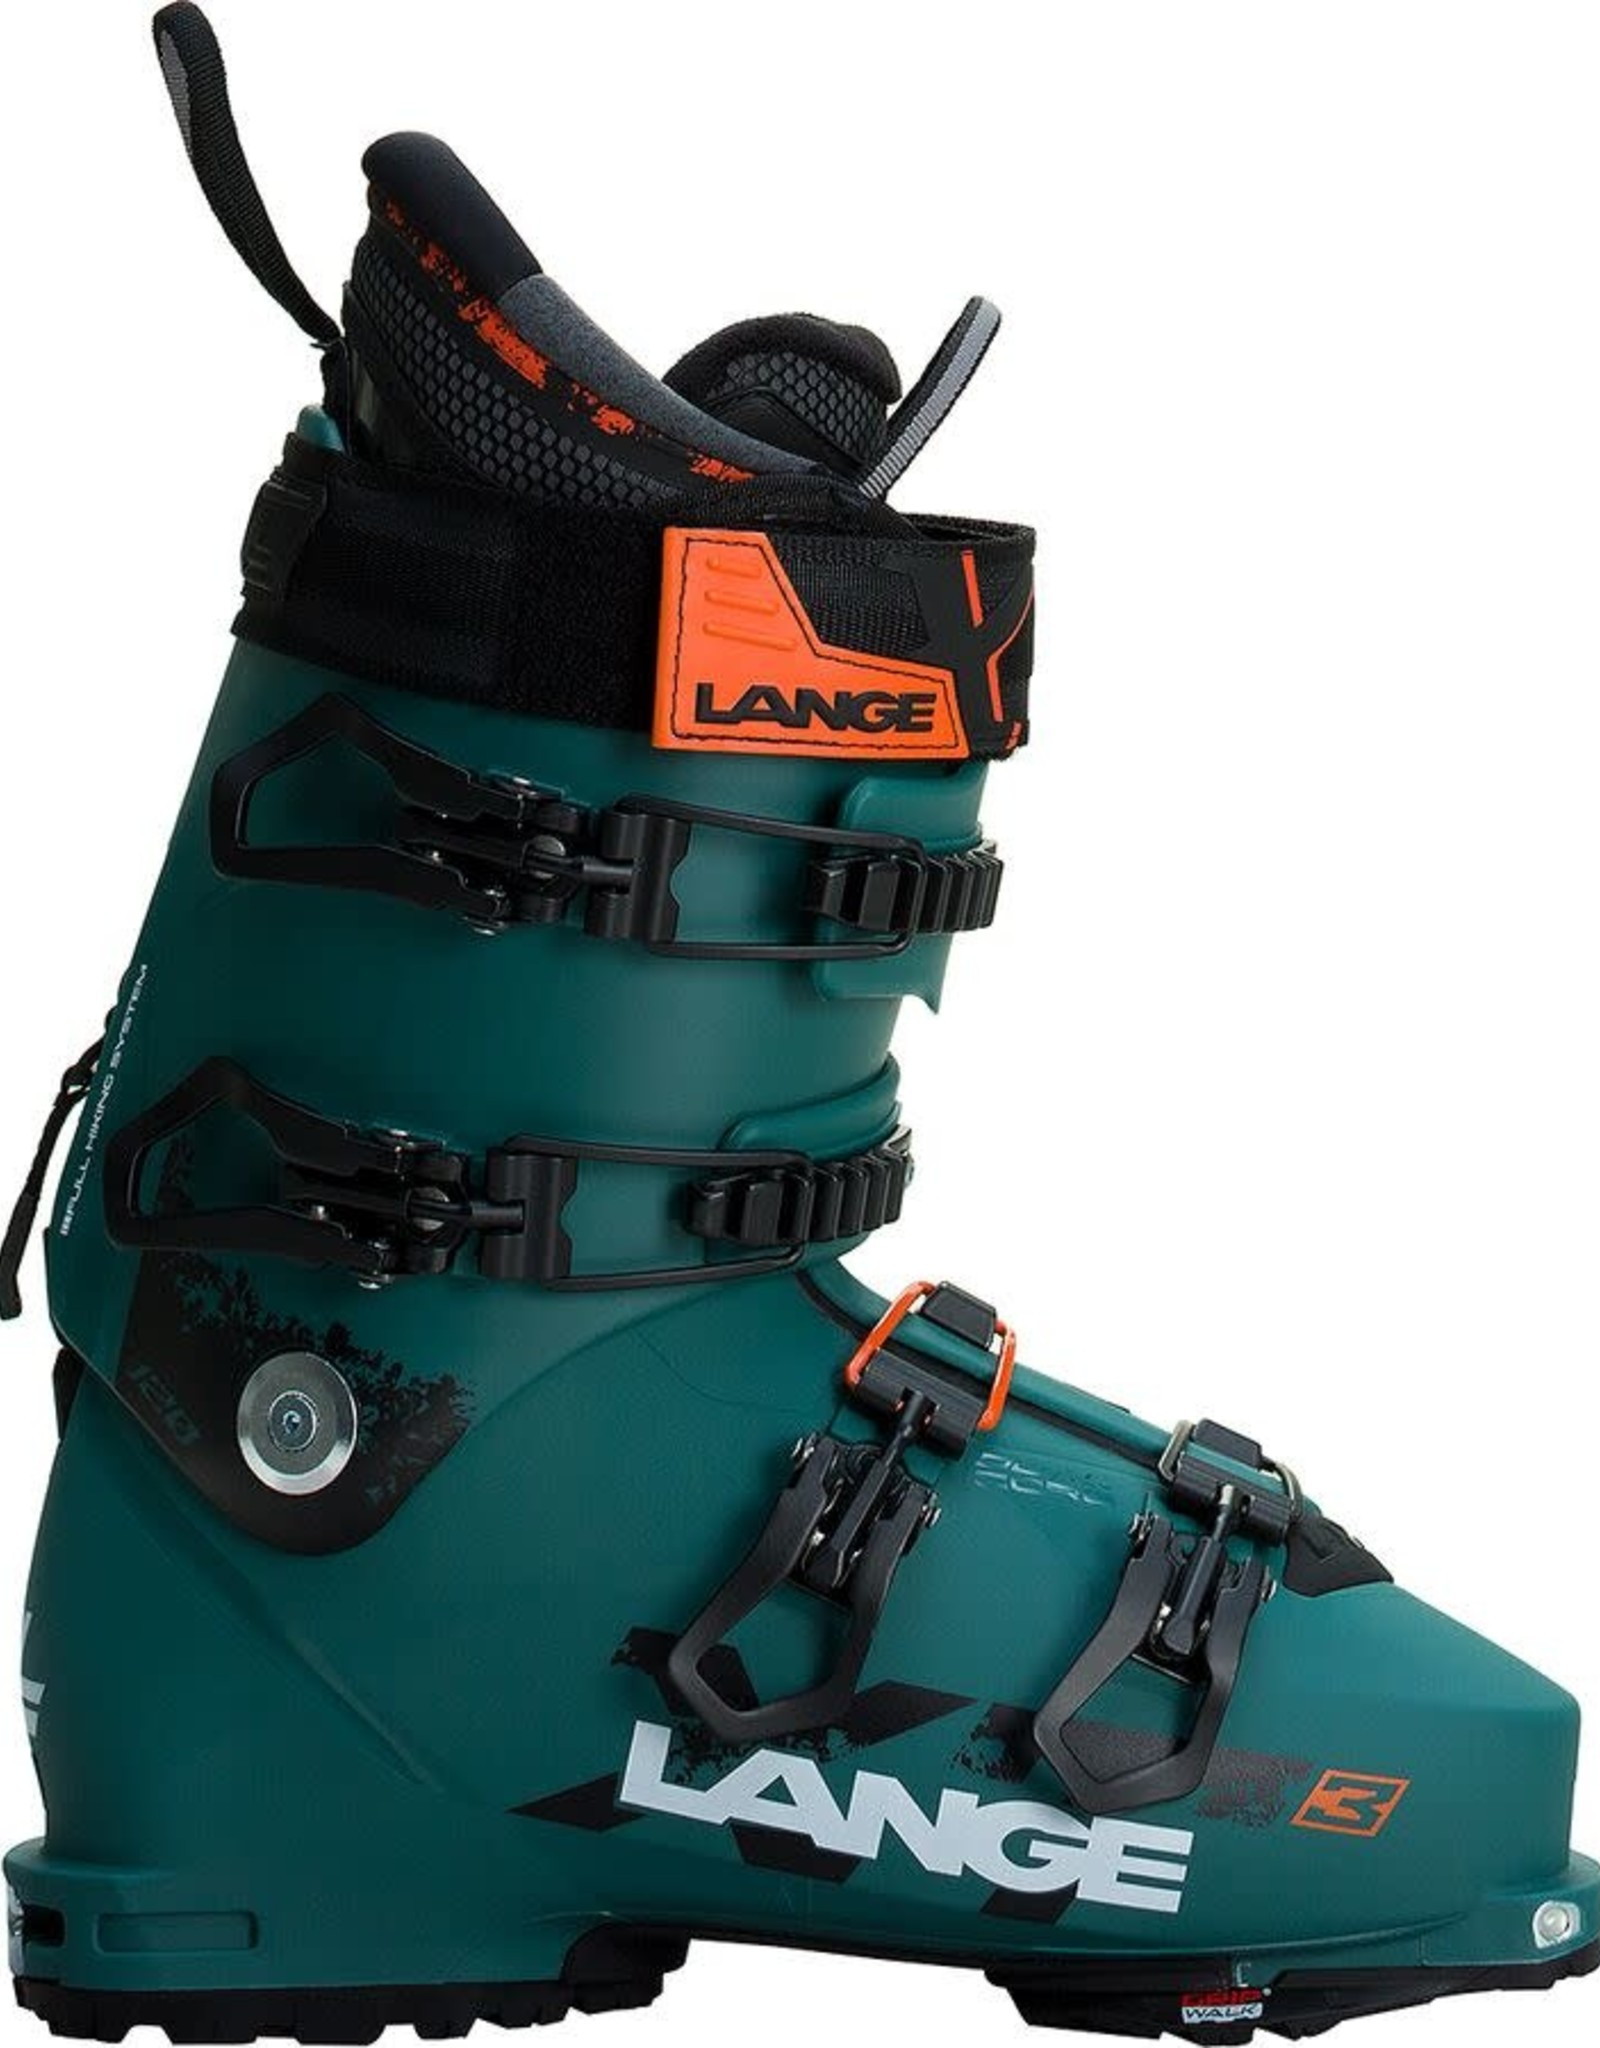 Lange LANGE Ski Boots XT3 120 L.V. (20/21)